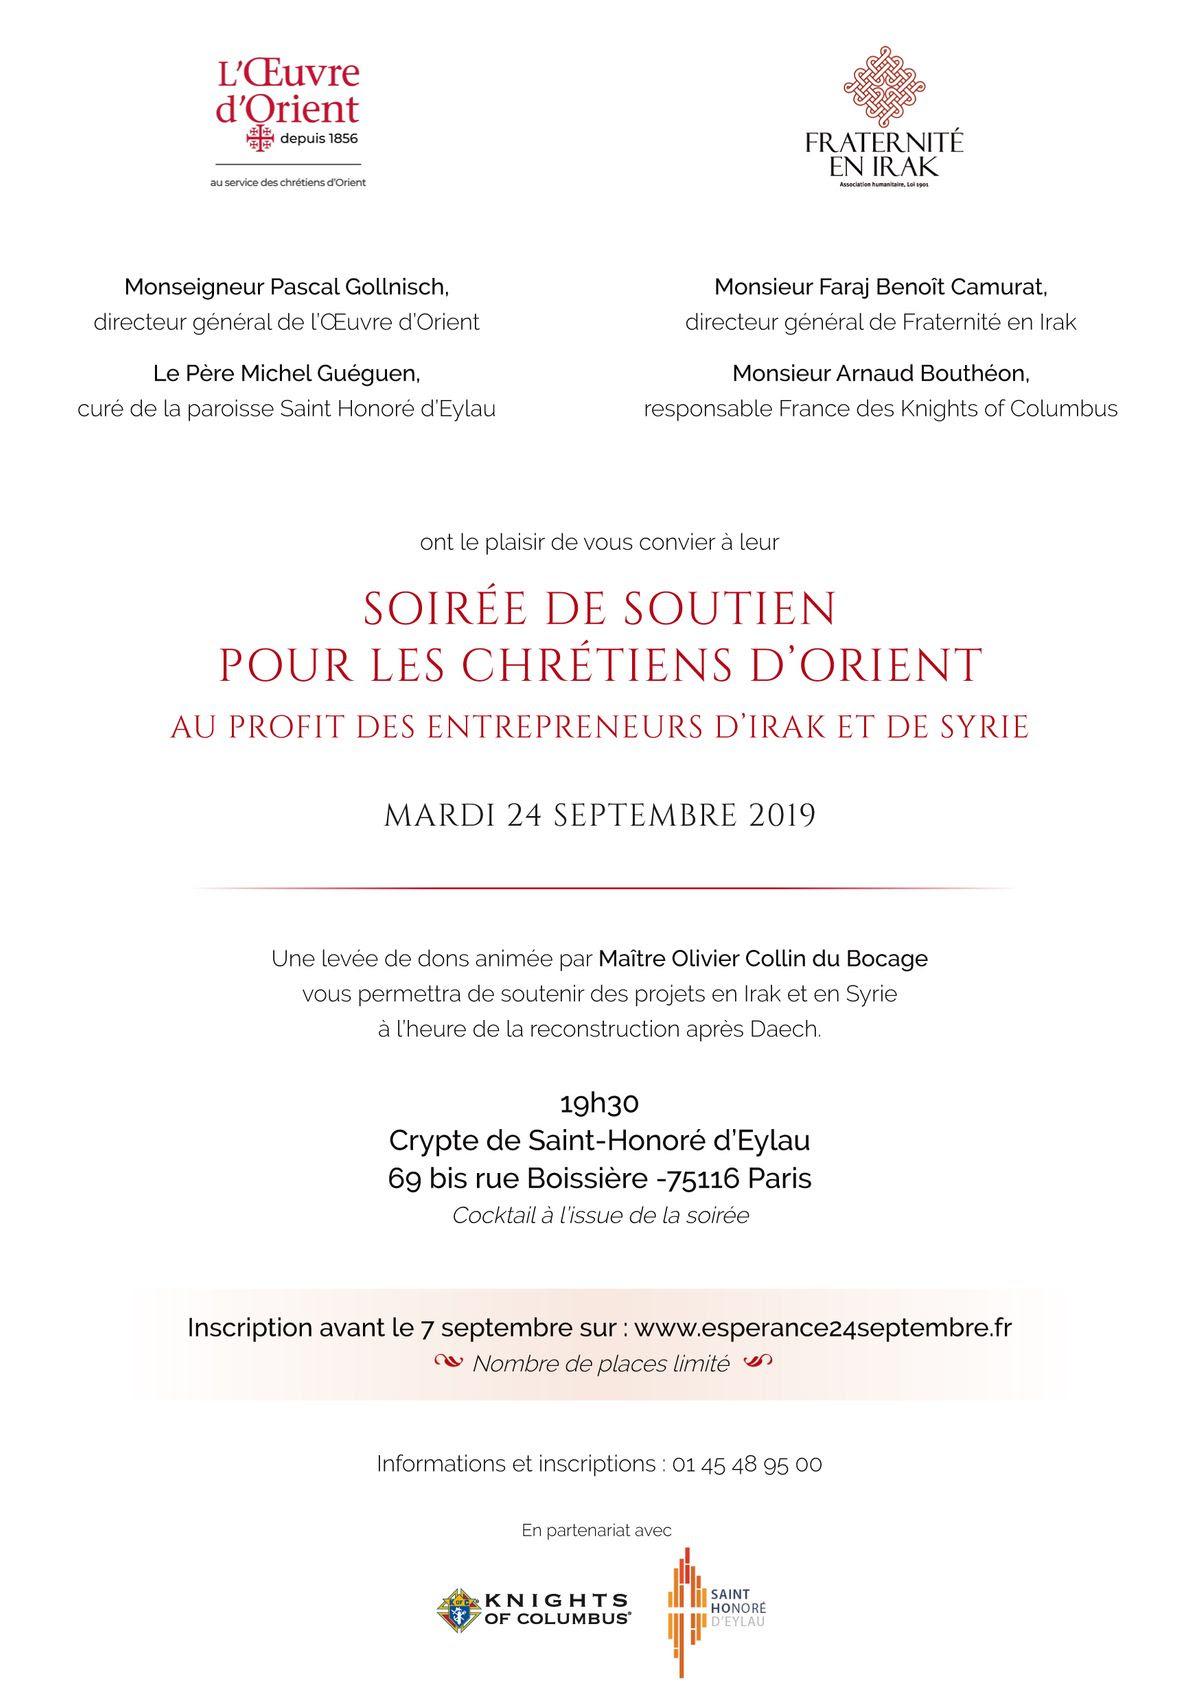 Soirée exceptionnelle avec Fraternité en Irak et l'Œuvre d'Orient le 24 septembre 2019 à Paris